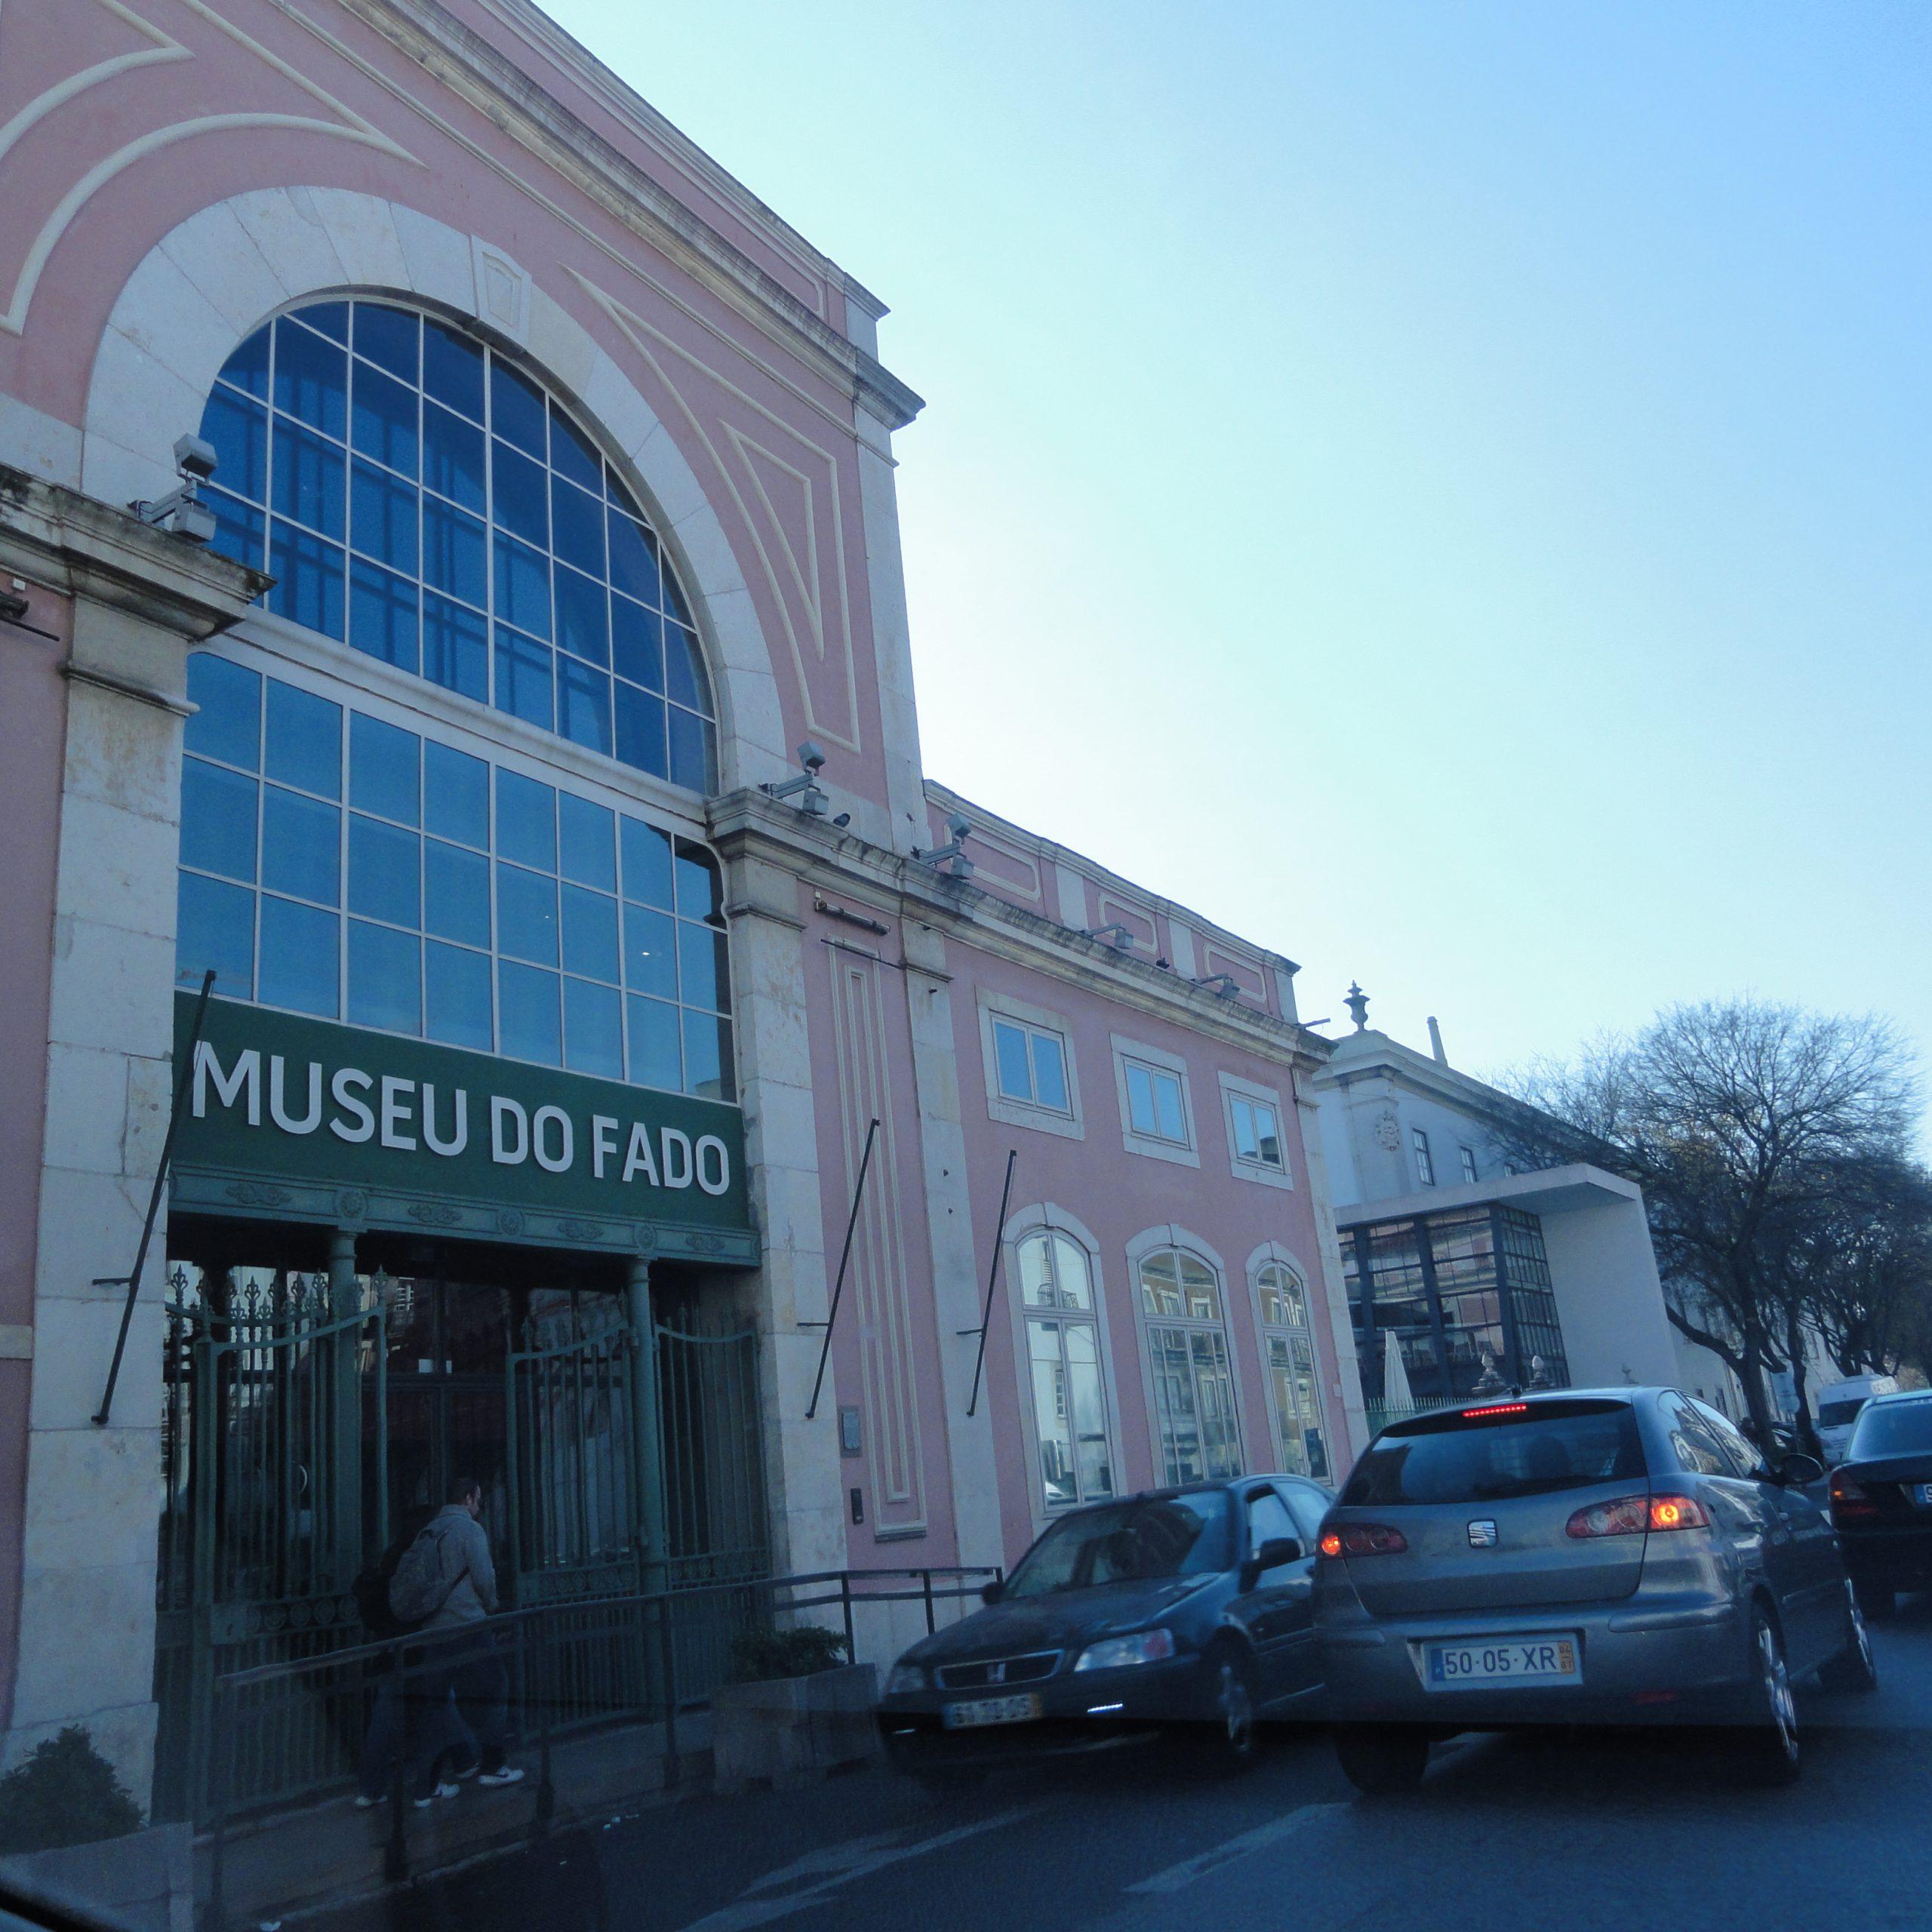 Alfama Museu do Fado